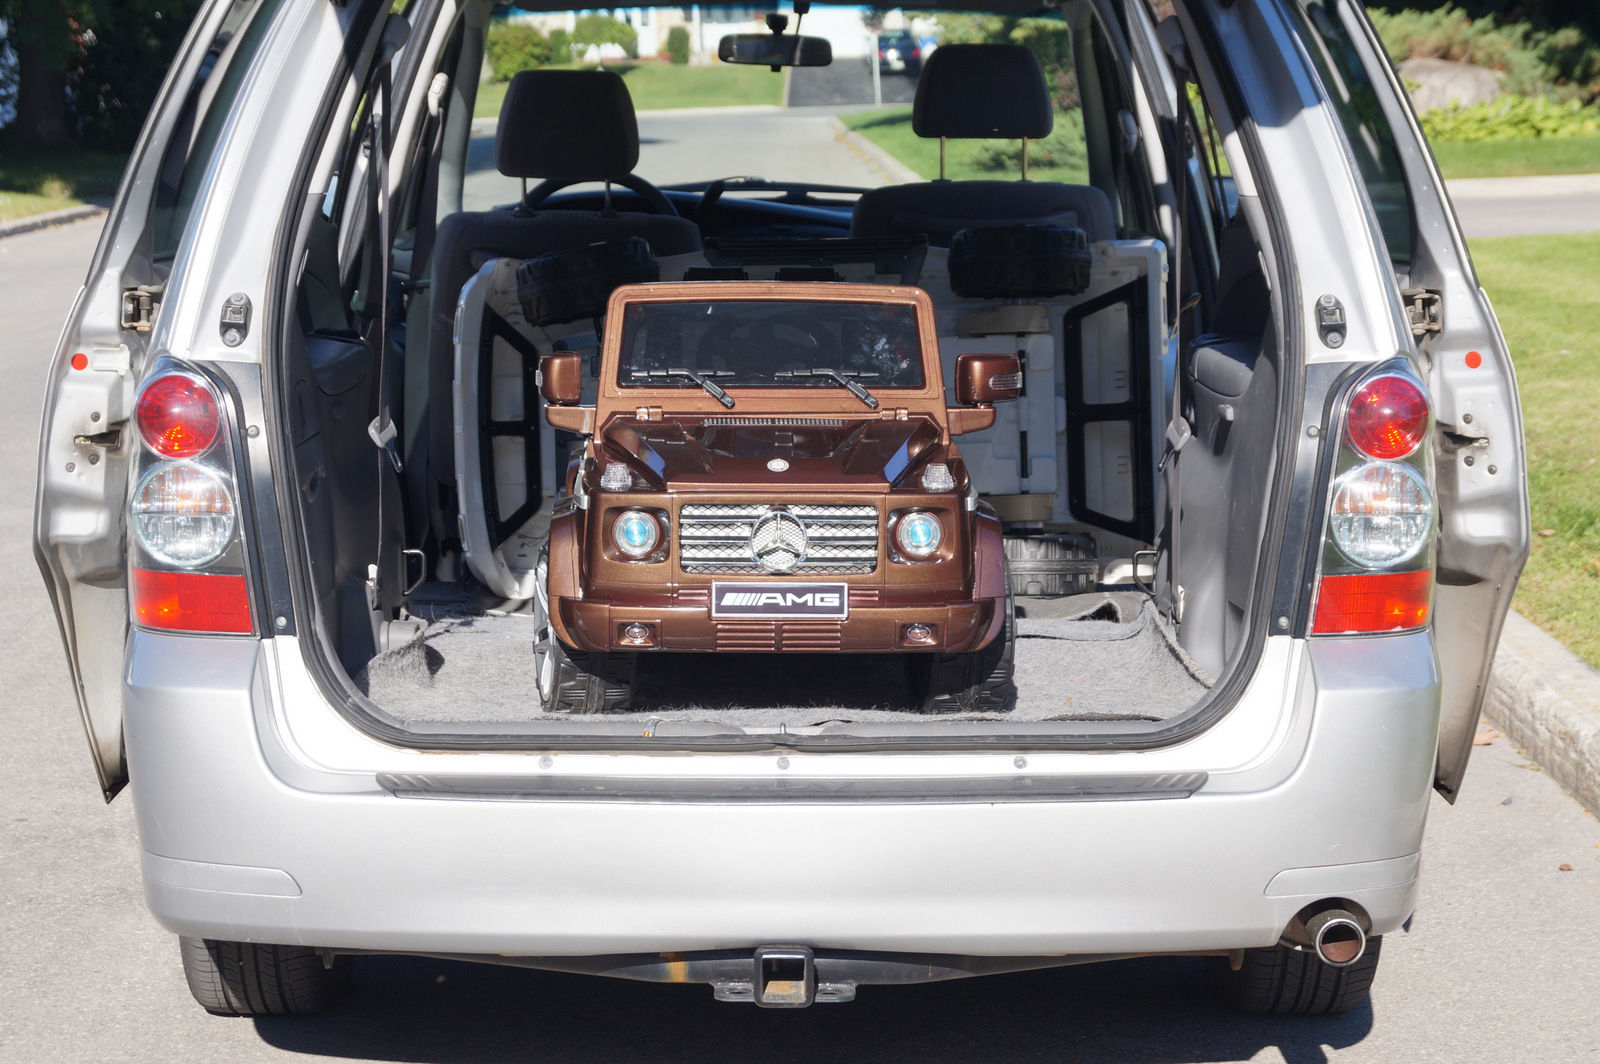 Mercedes Benz Suv G55 Amg Rc